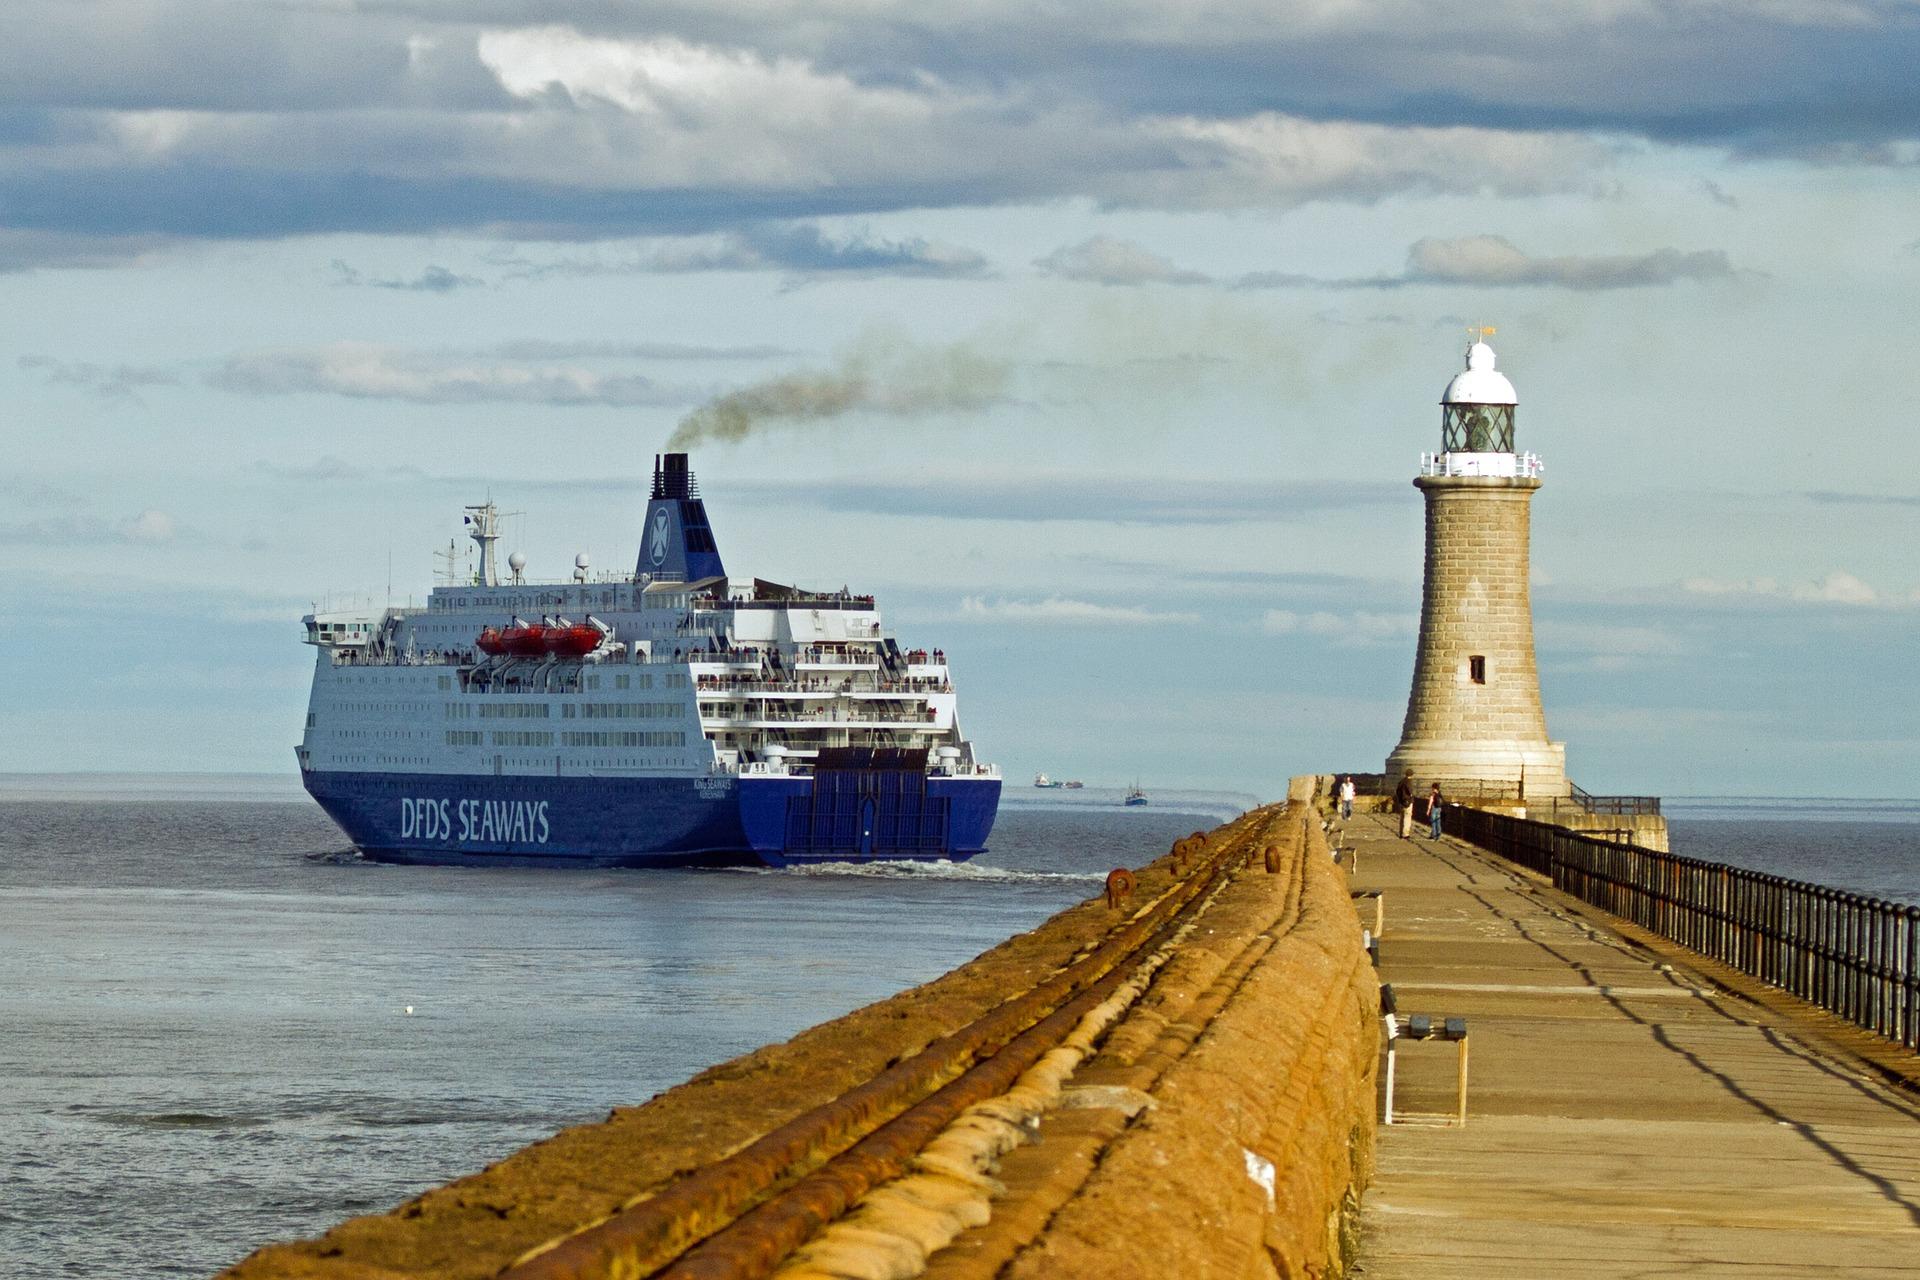 Arriving in England | © Stroller pixabay.com